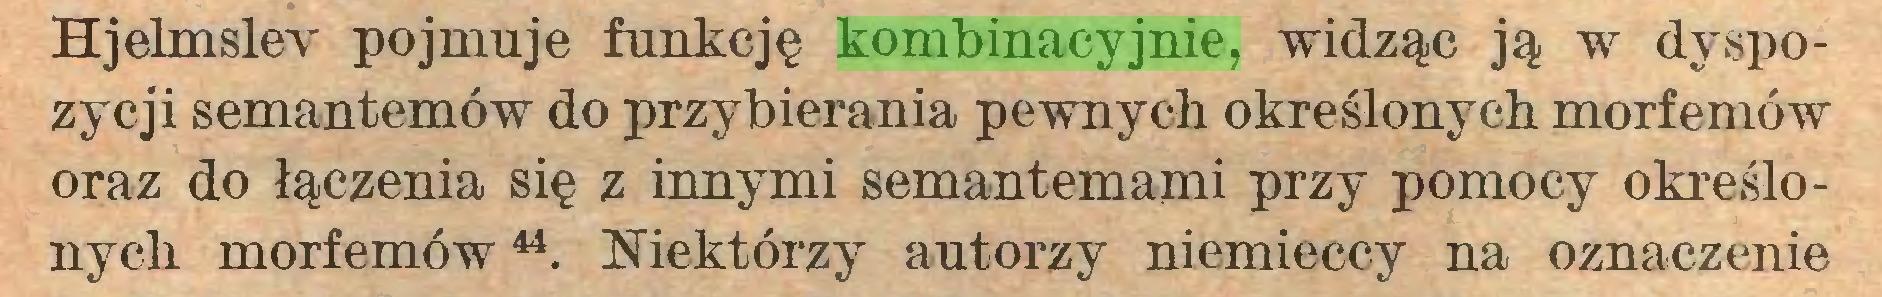 (...) Hjelmslev pojmuje funkcję kombinacyjnie, widząc ją w dyspozycji semantemów do przybierania pewnych określonych morfemów oraz do łączenia się z innymi semantemami przy pomocy określonych morfemów44. Niektórzy autorzy niemieccy na oznaczenie...